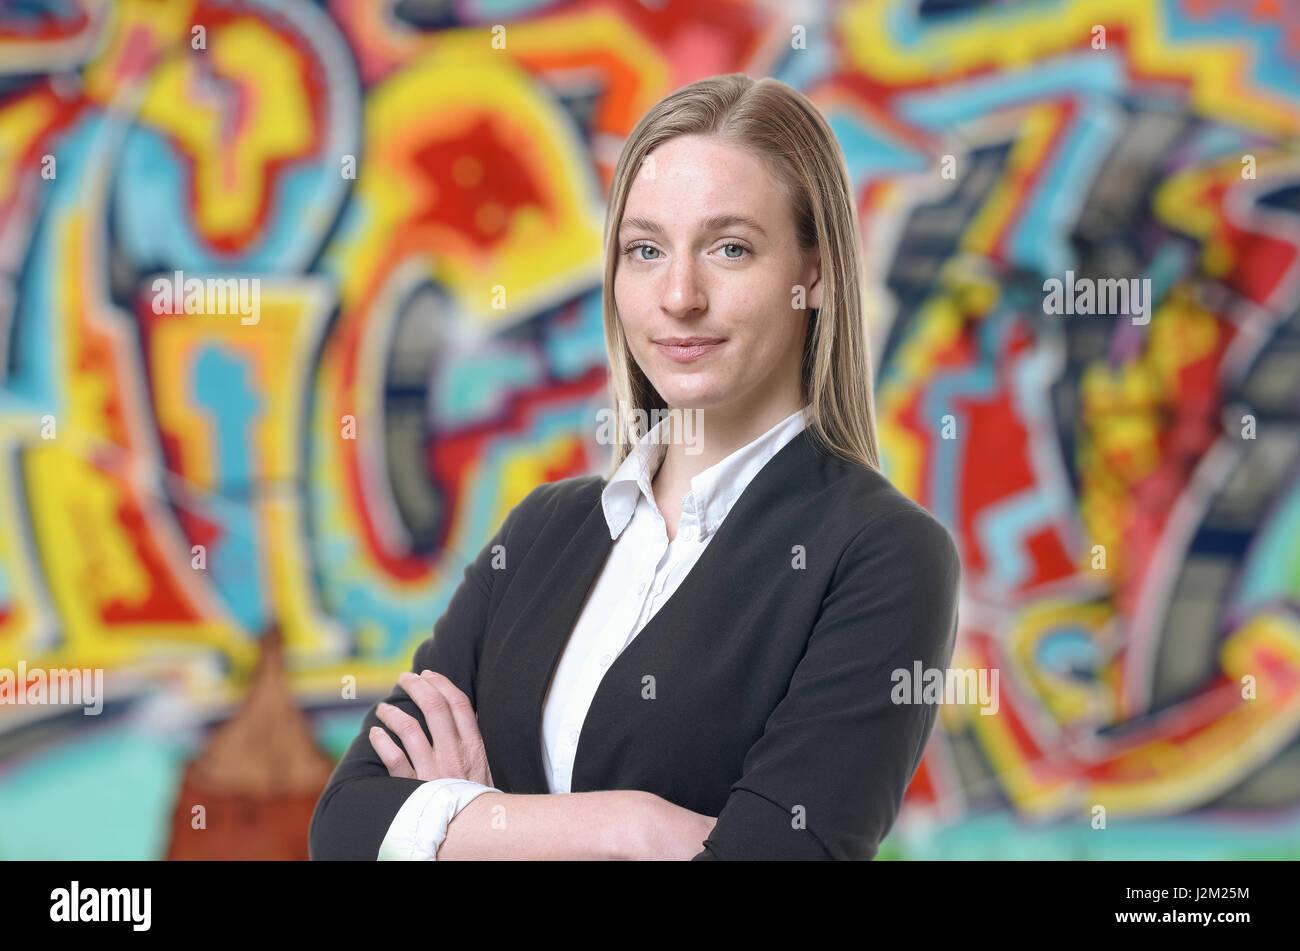 Selbstbewusste grinsenden blonden Frau in Pullover und weiße Hemd mit verschränkten Armen. Bunte Graffiti Stockbild